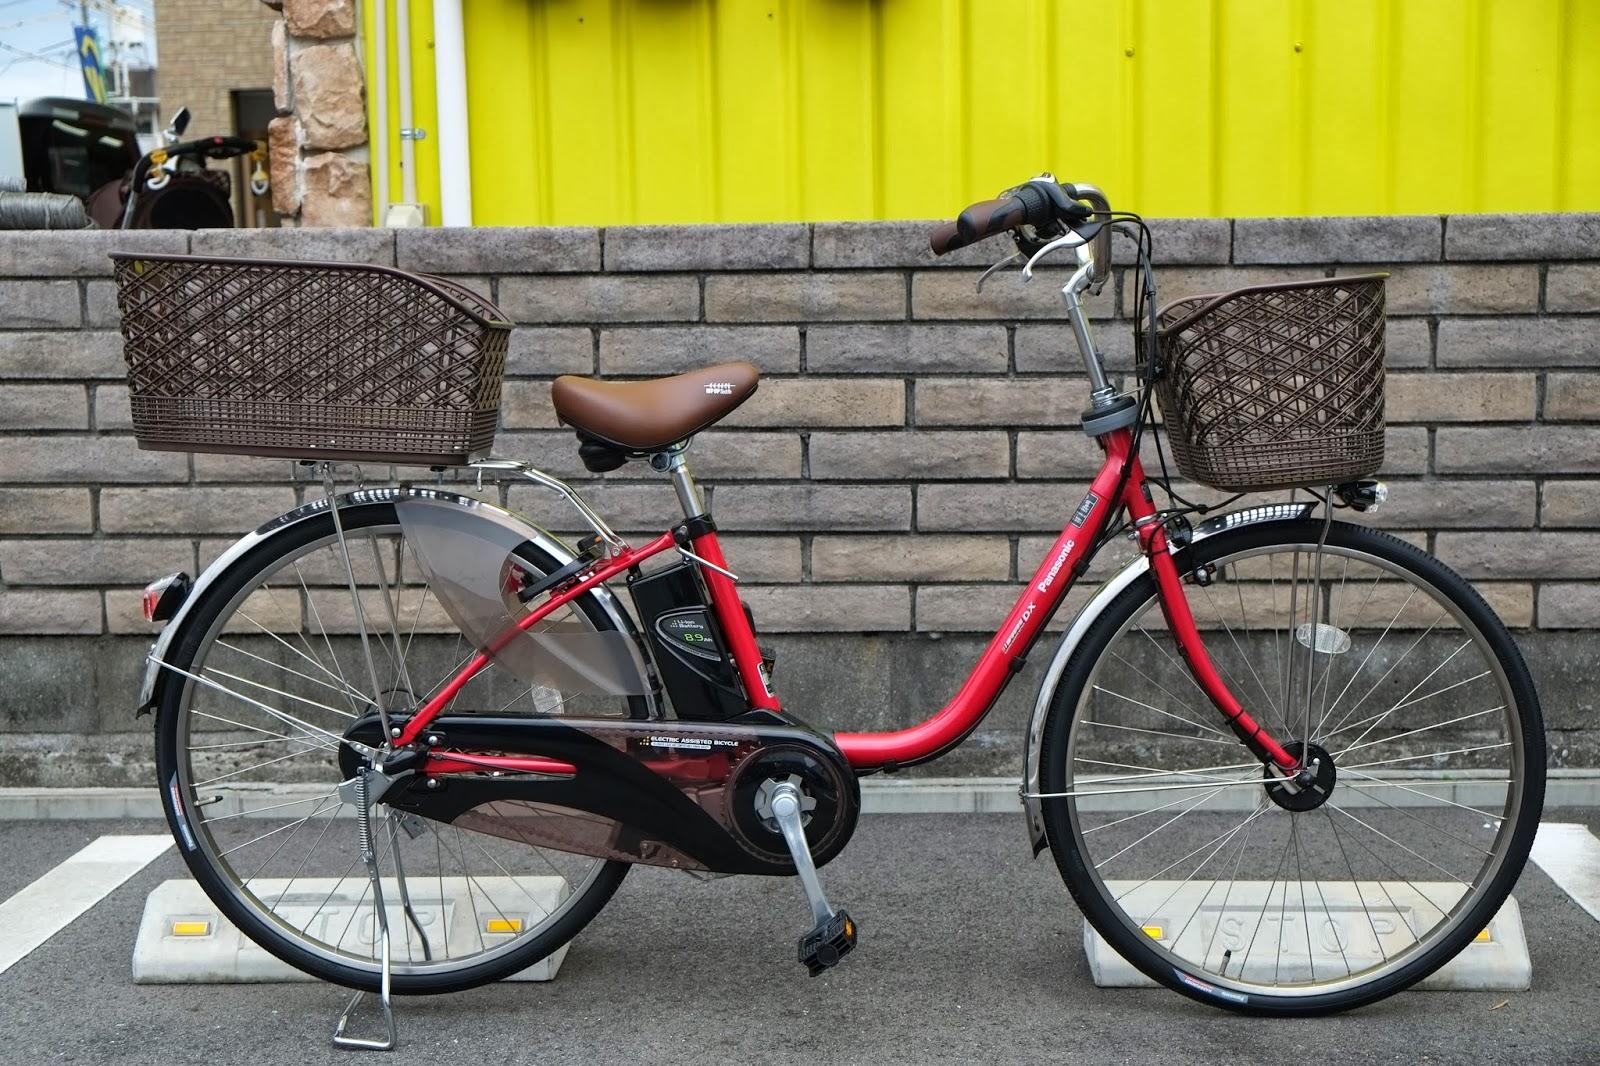 ... 電動アシスト自転車の買い替え